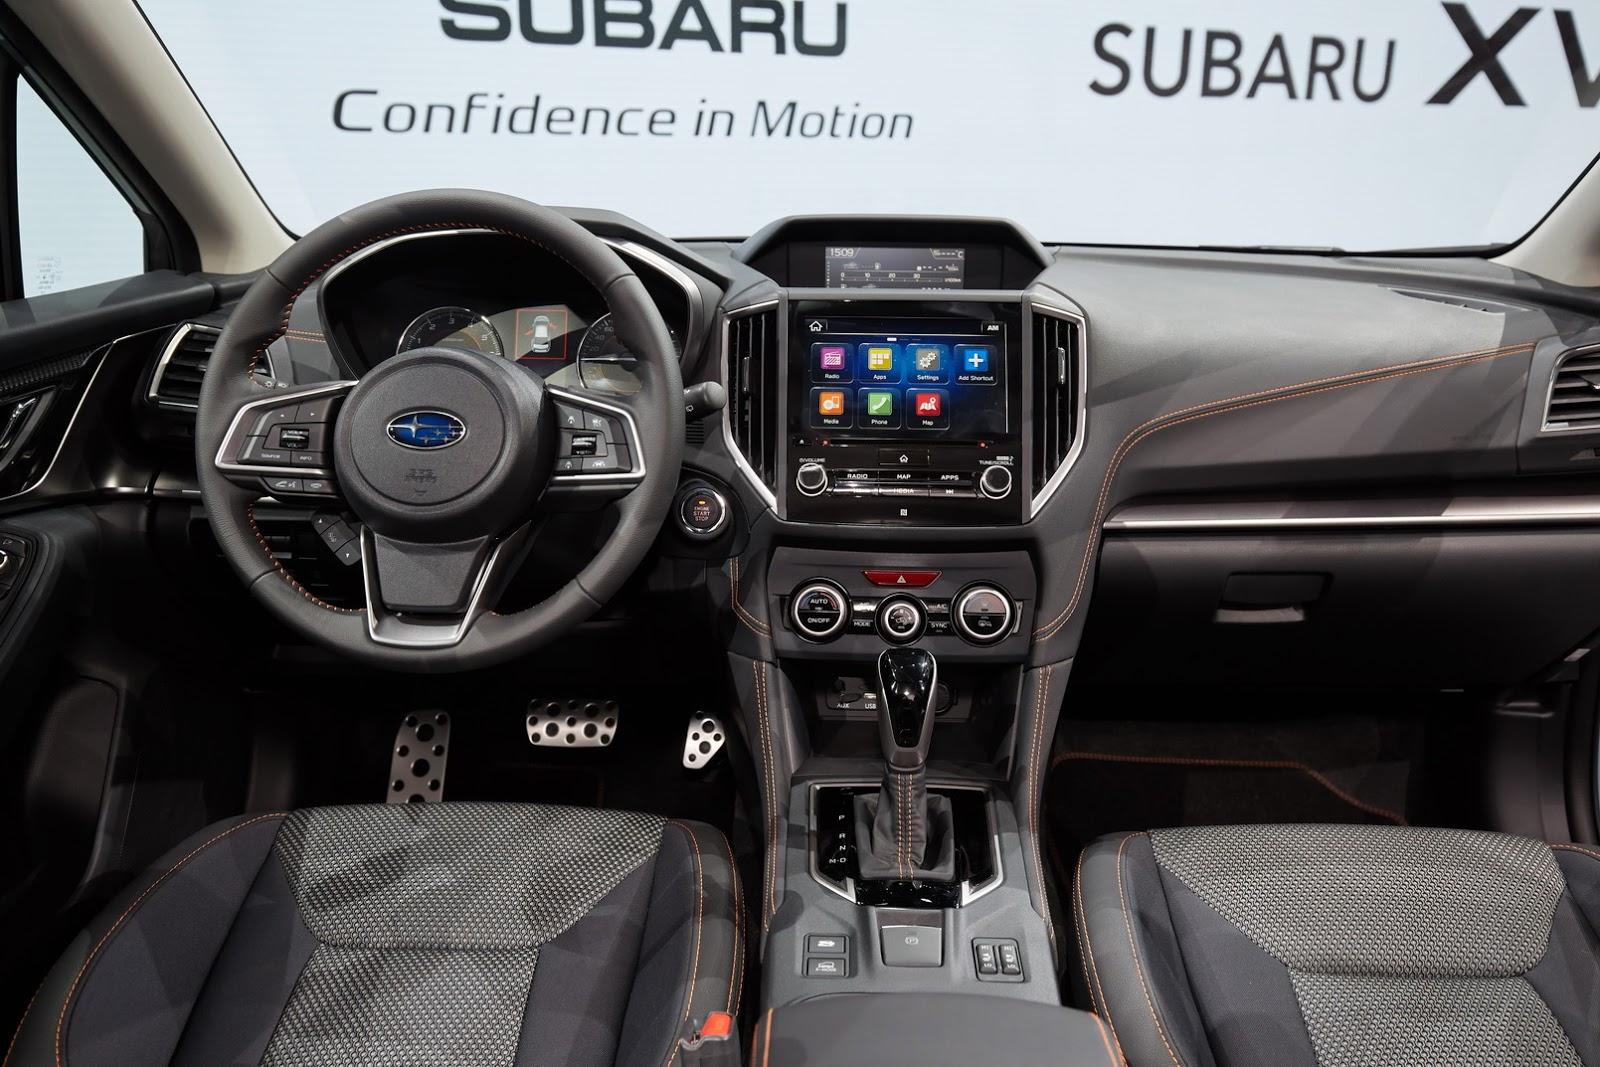 2018 Subaru Xv 13 Benzin Magazin